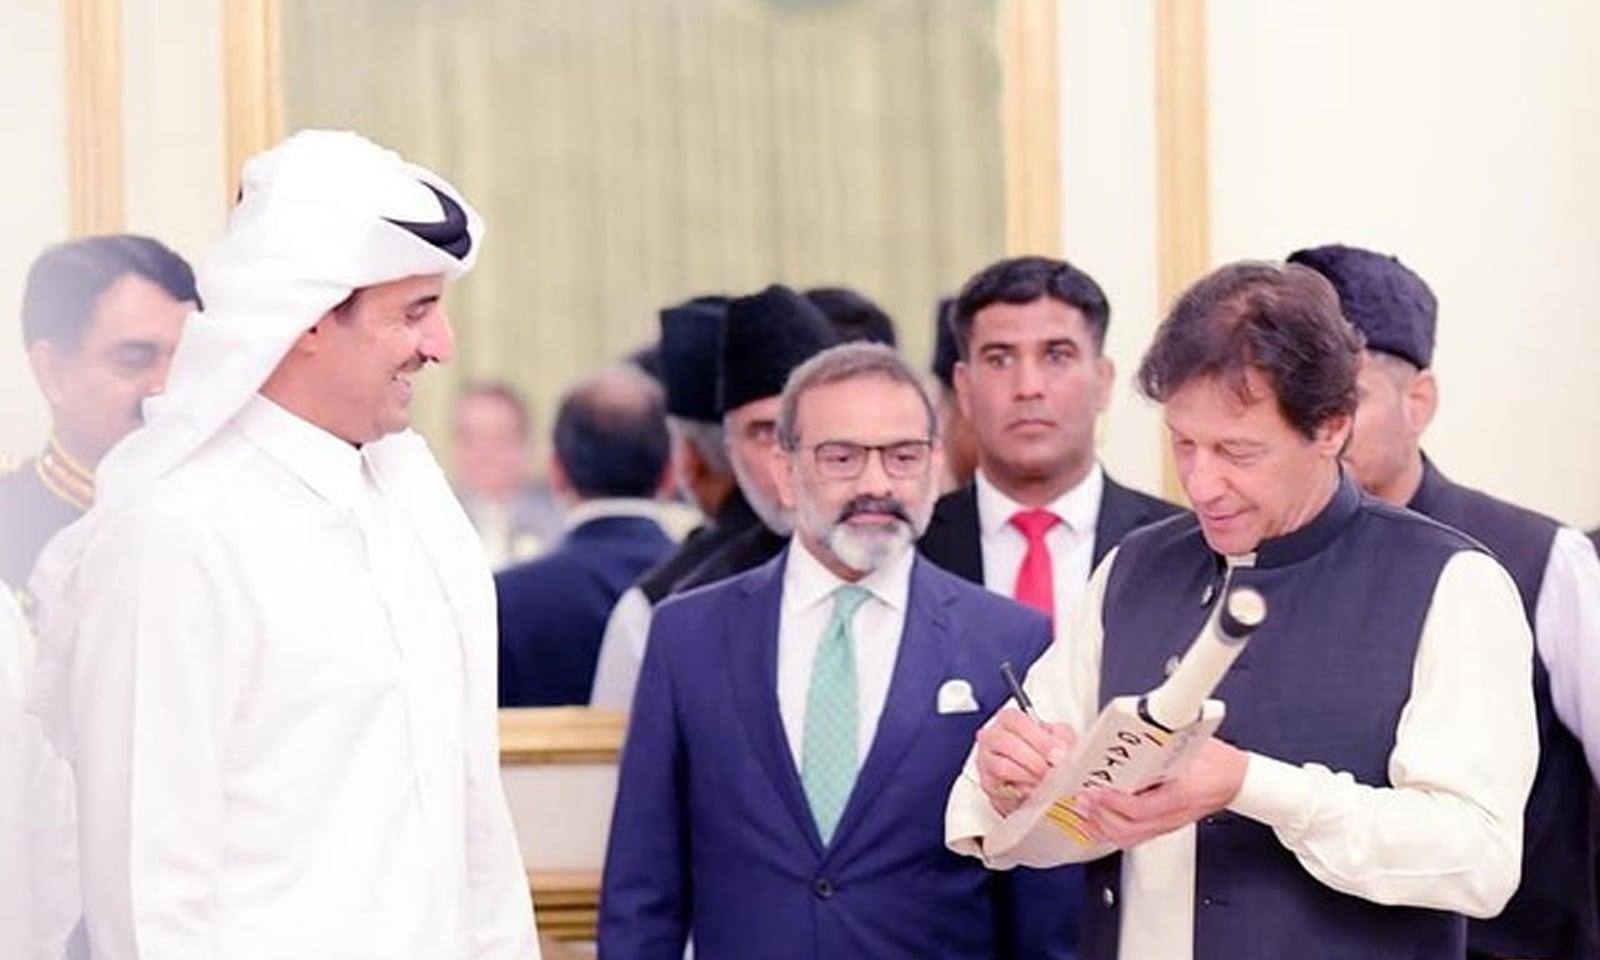 وزیراعظم عمران خان نے امیر قطر شیخ تمیم بن حمد الثانی سے ملاقات کے دوران اپنا دستخط کیا ہوا بلا تحفے میں دیا — فوٹو بشکریہ ٹوئٹر